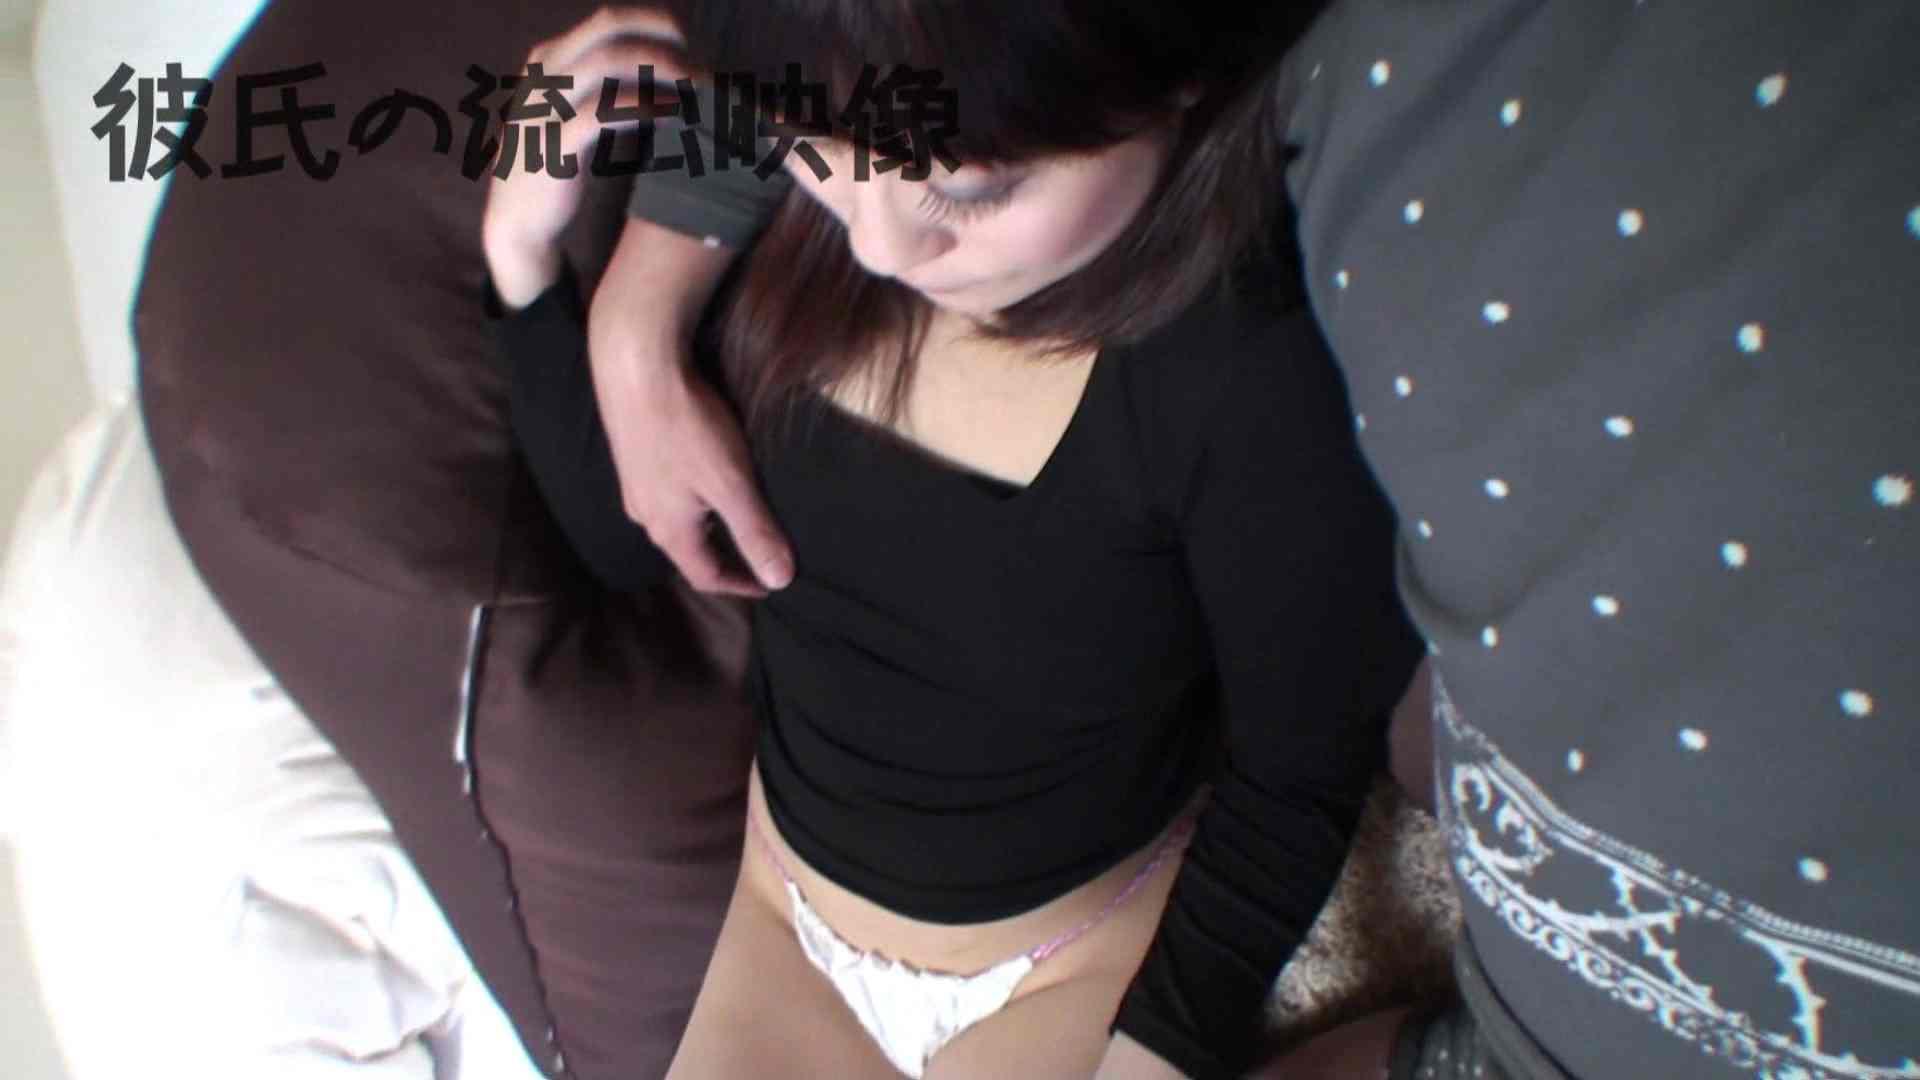 彼氏が流出 パイパン素人嬢のハメ撮り映像04 一般投稿  82連発 15